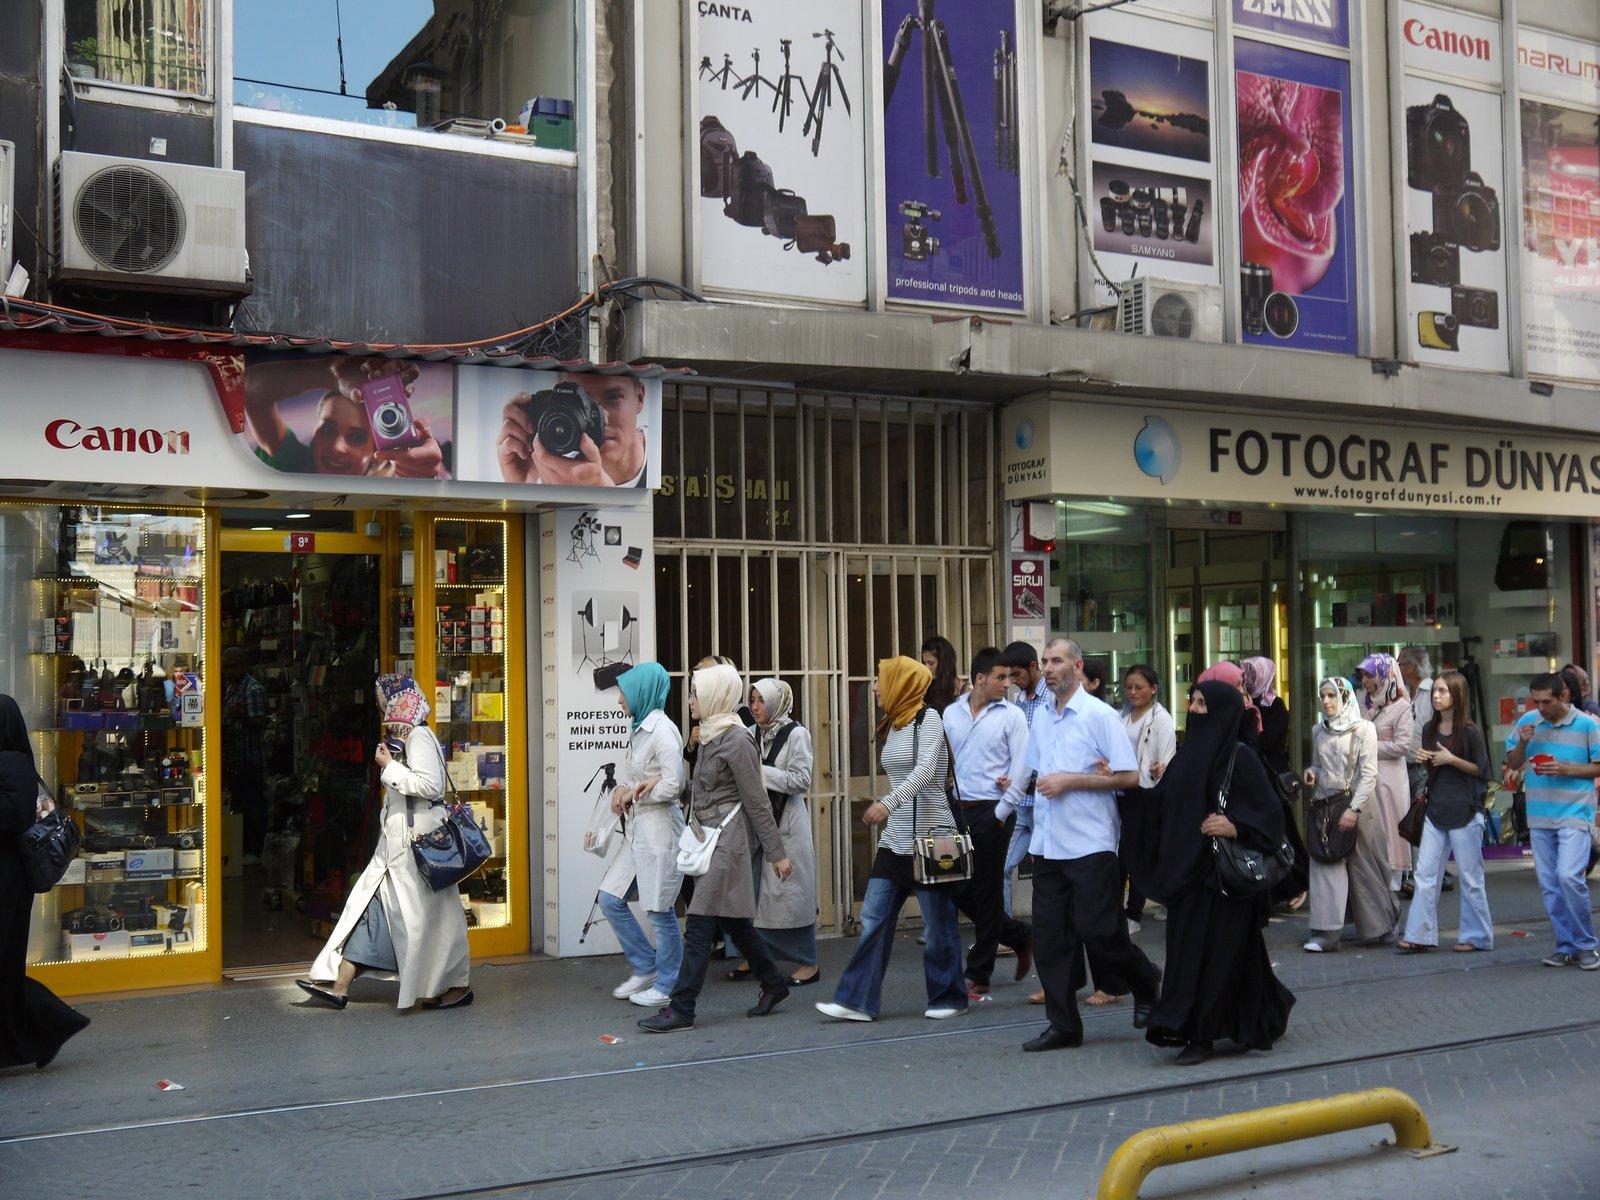 トルコ旅行記 37 イスタンブール旧市街その1_a0092659_18164341.jpg